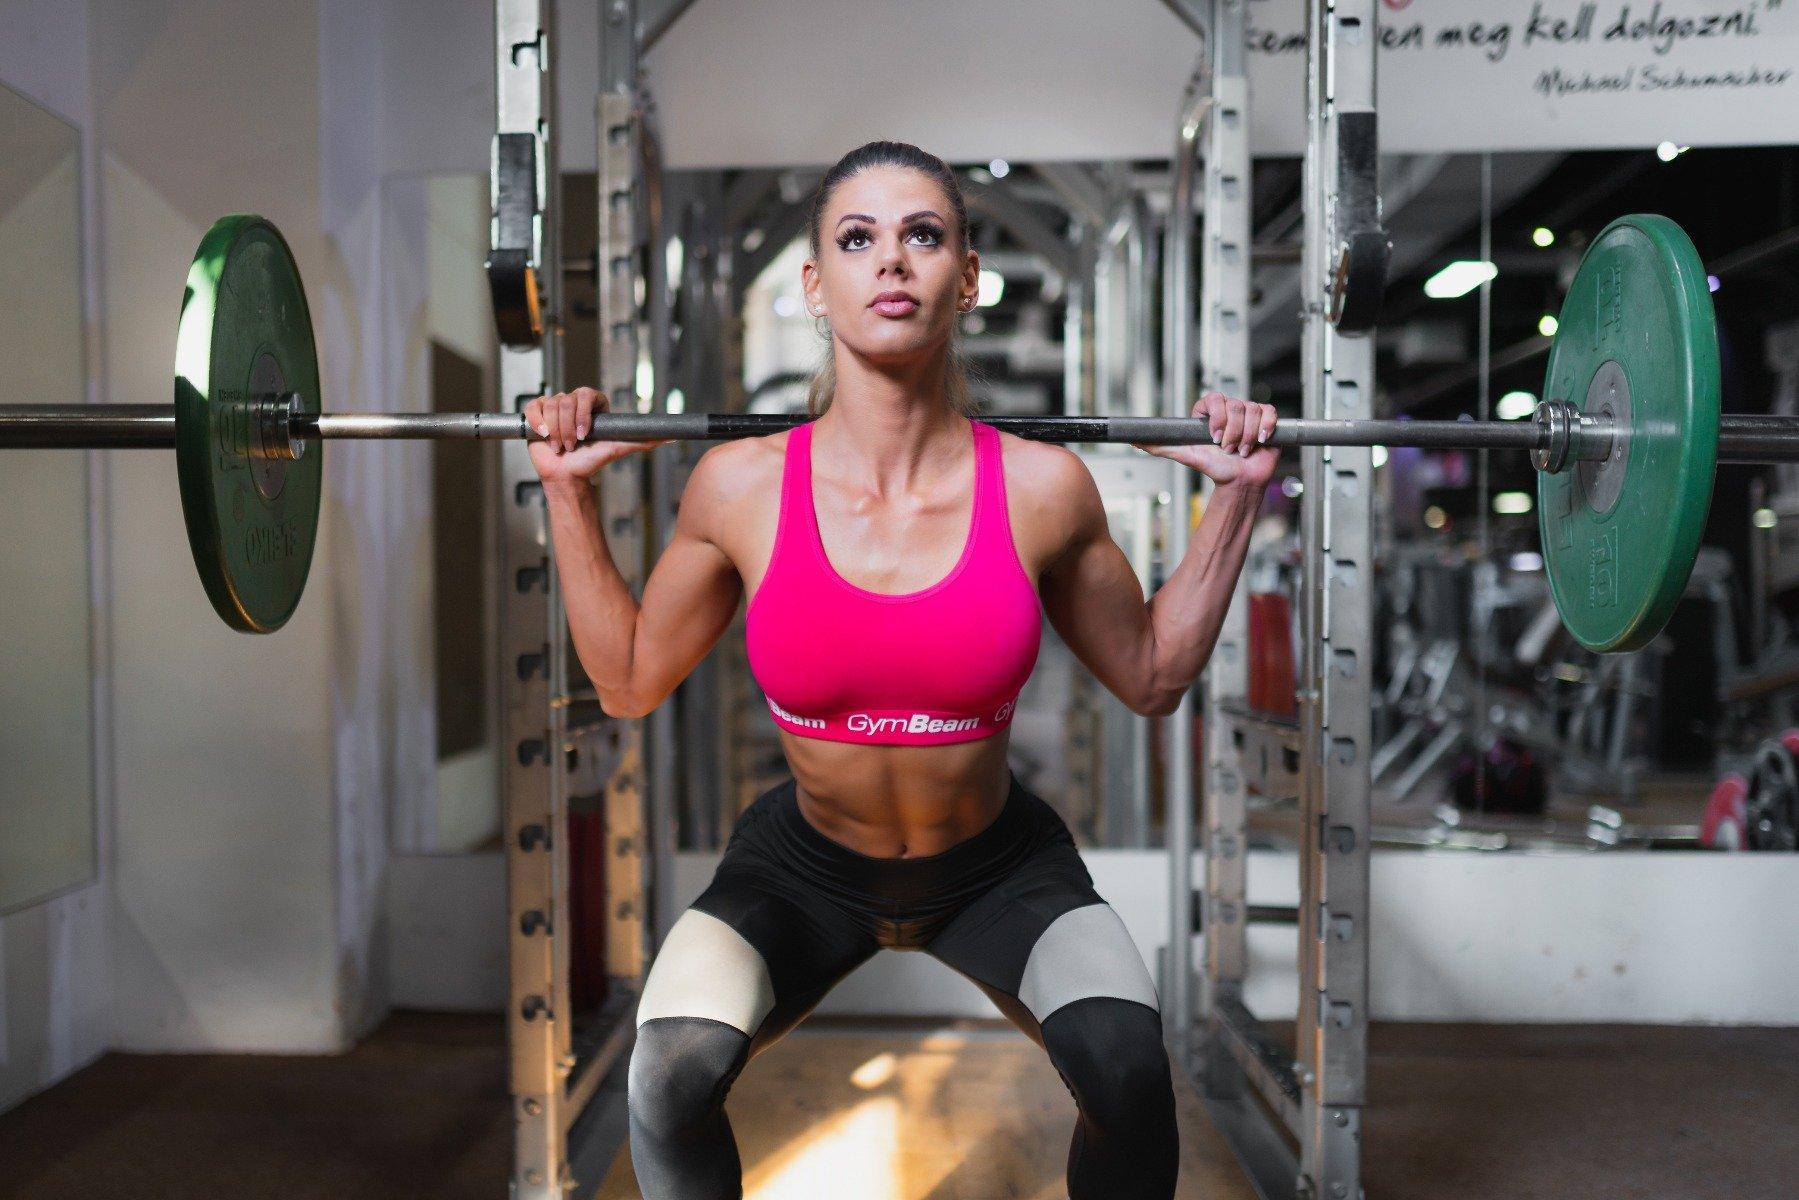 súlycsökkentheti a cellulitot?